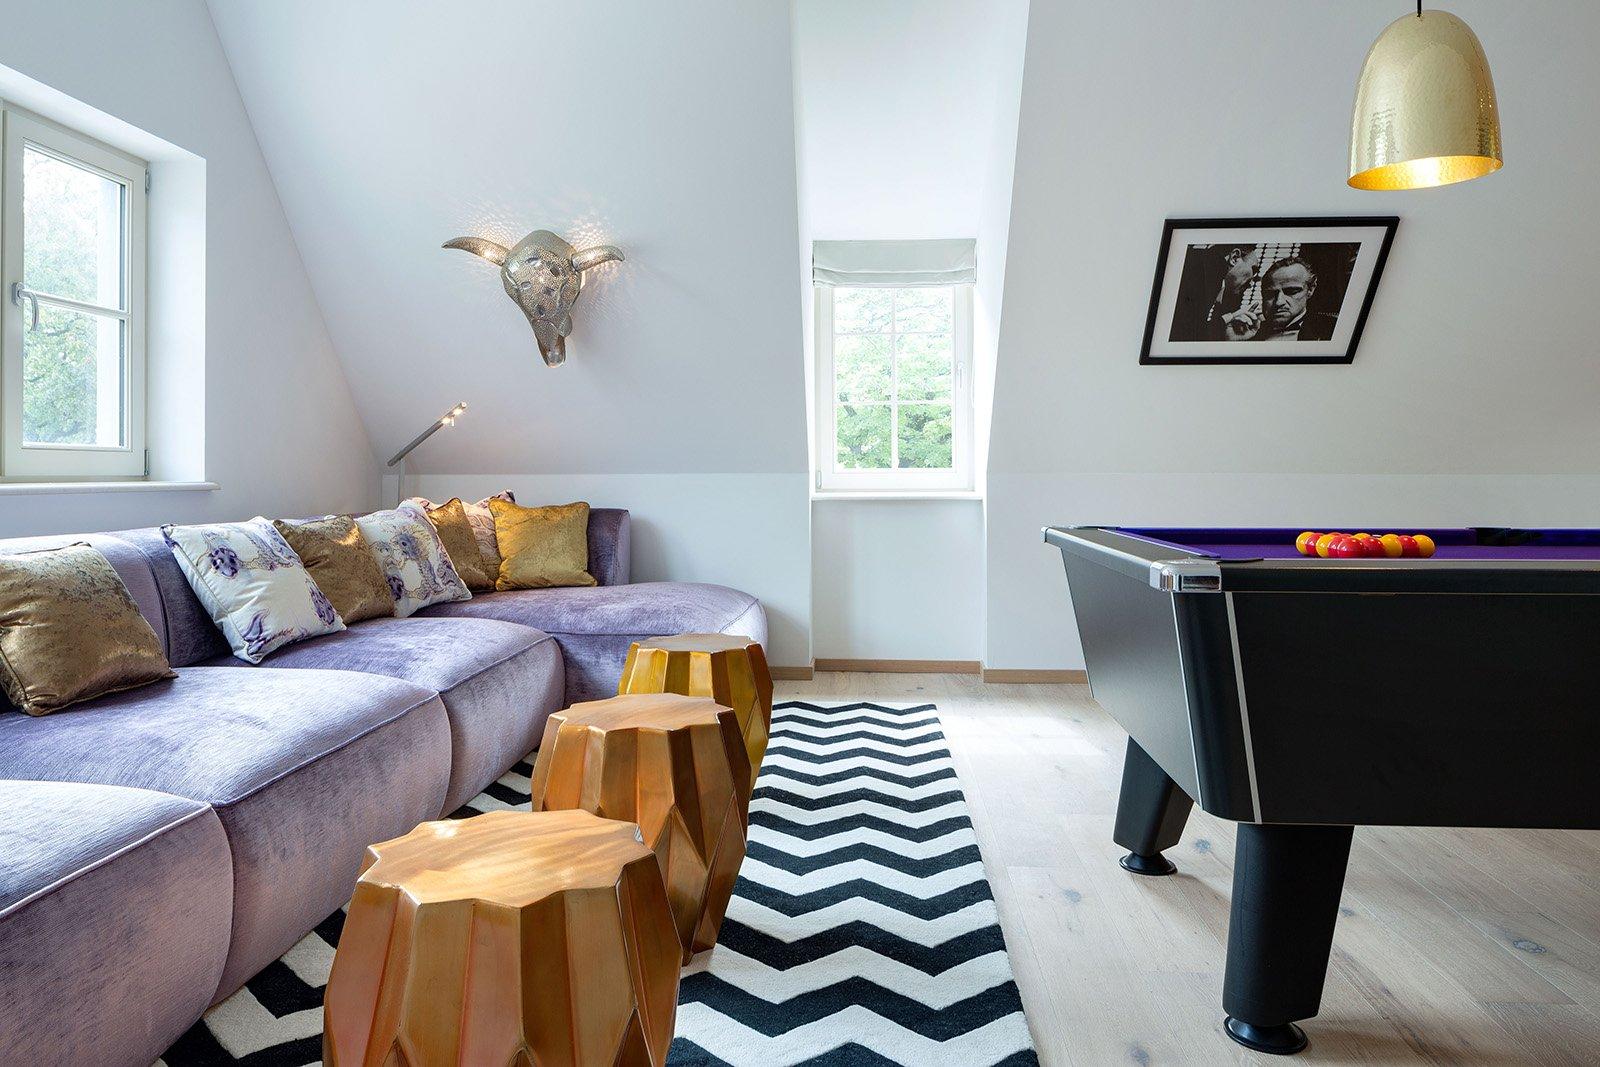 belgium-interior-design-games-lounge-01